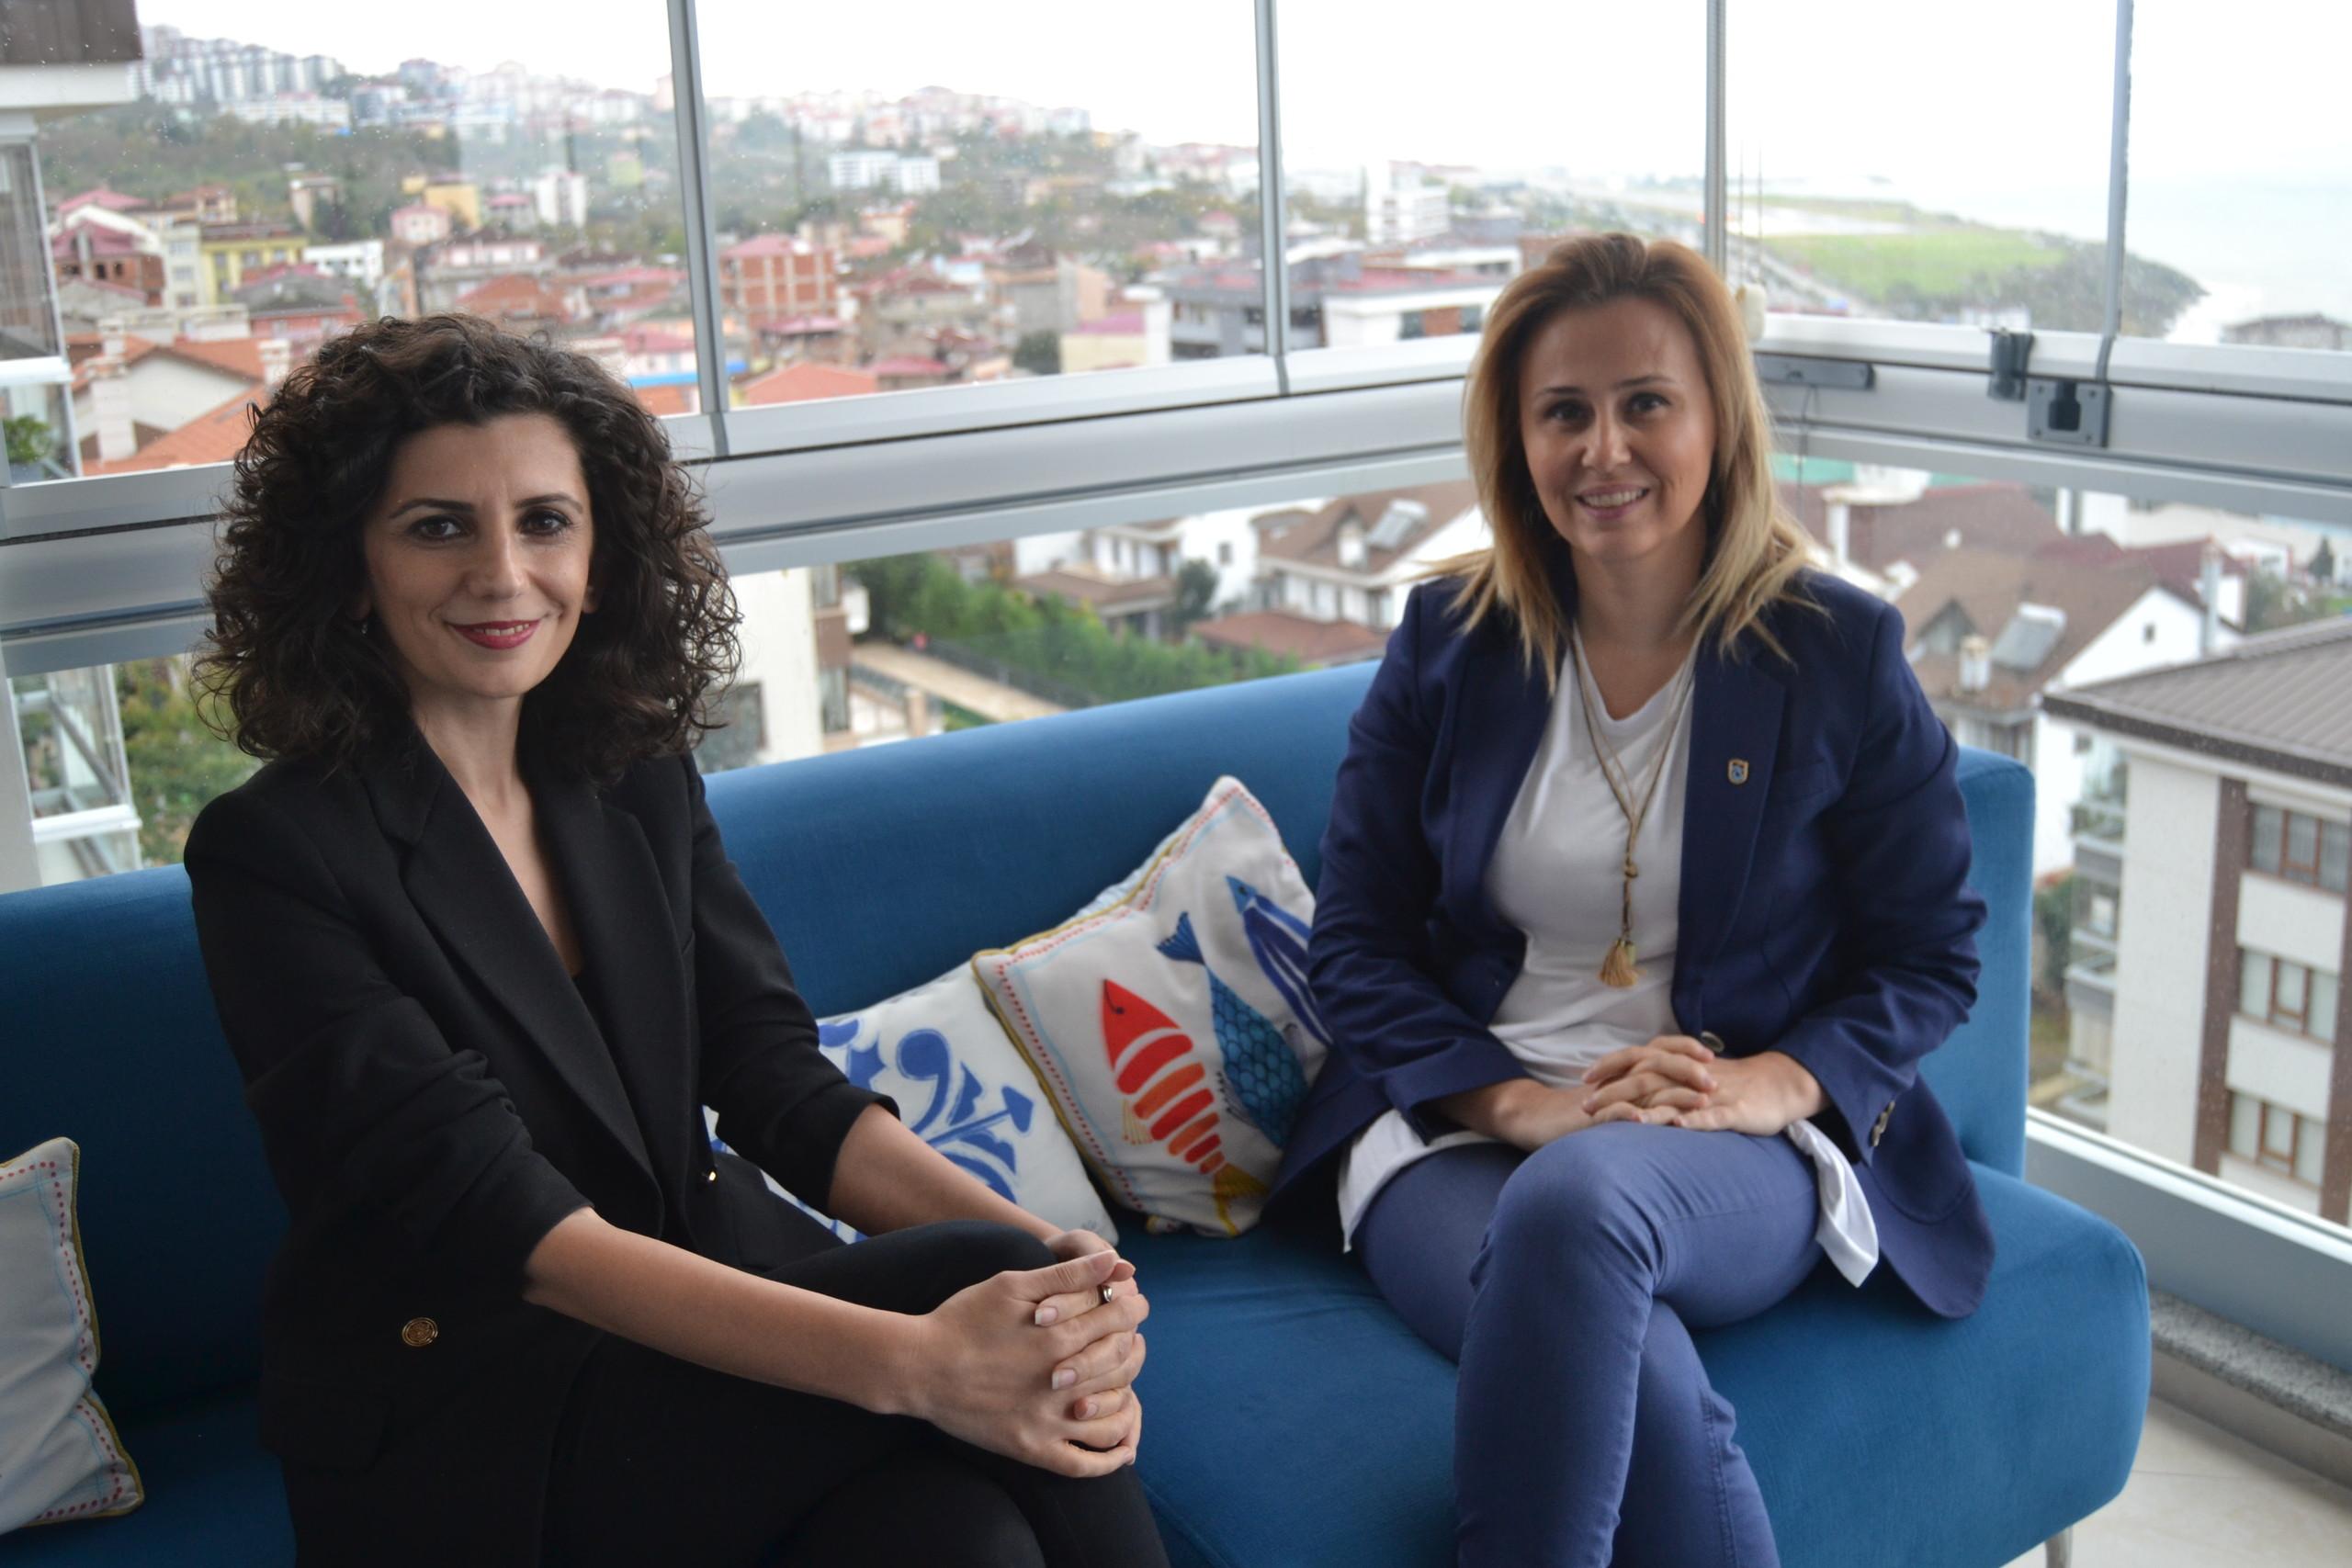 Merkez Haberleri: Karadenizli kadınlar, her mevsim çalışkan 57